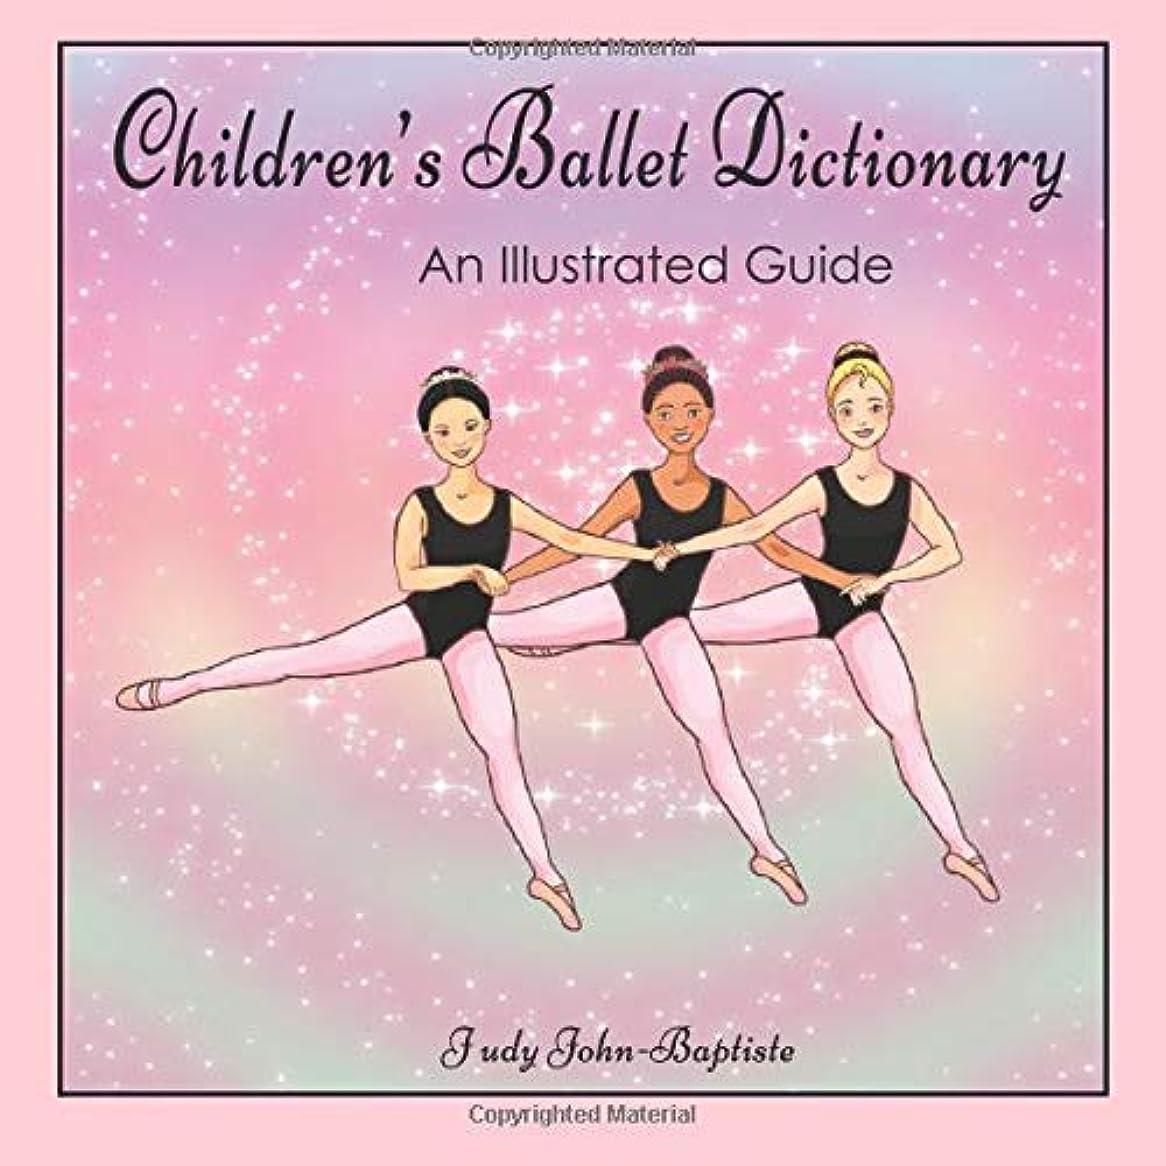 存在するブロック追加するChildren's Ballet Dictionary An Illustrated Guide: Ballet dictionary with pictures for kids, ballet terminology book for kids, ballet terms for kids book, ballet step by step (Ballet terminology book for children)